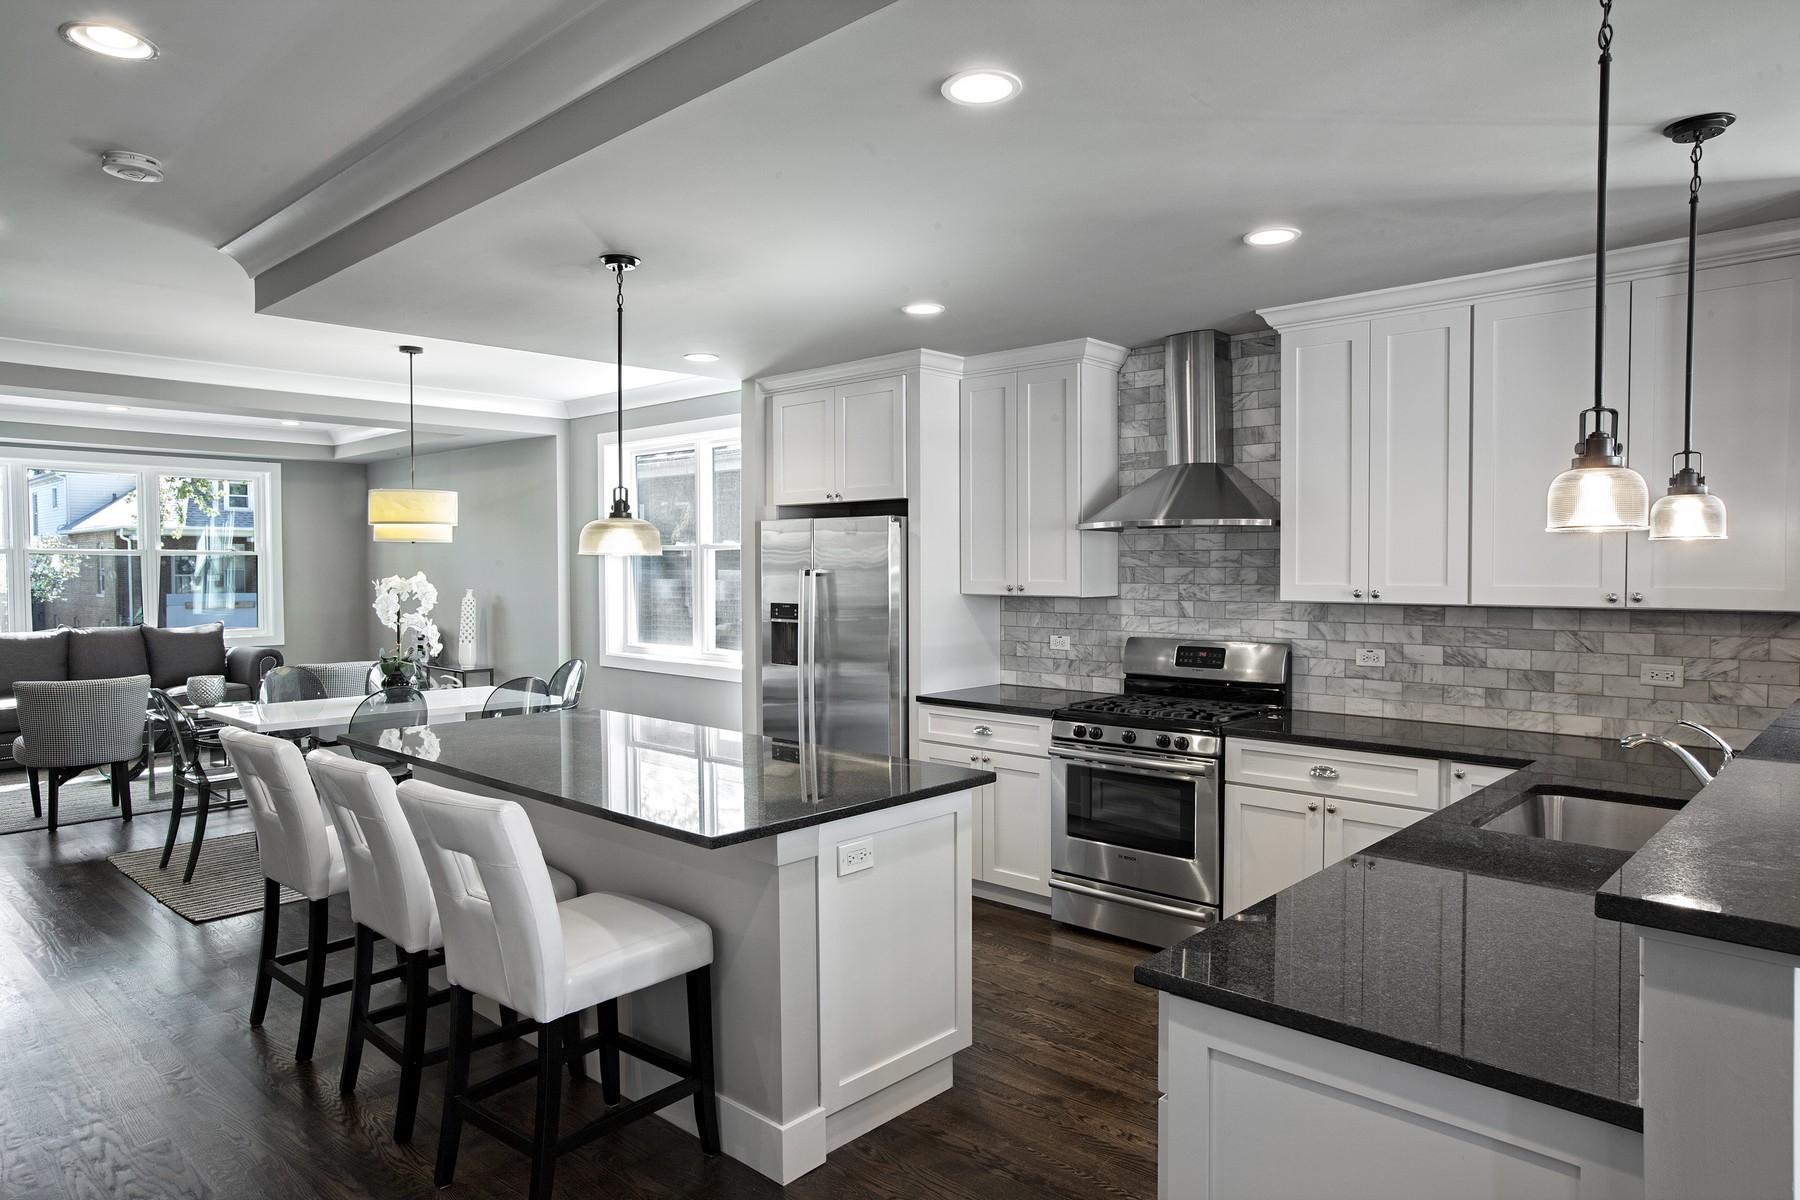 단독 가정 주택 용 매매 에 New Construction Single Family Home 5640 W Waveland Avenue Portage Park, Chicago, 일리노이즈 60634 미국